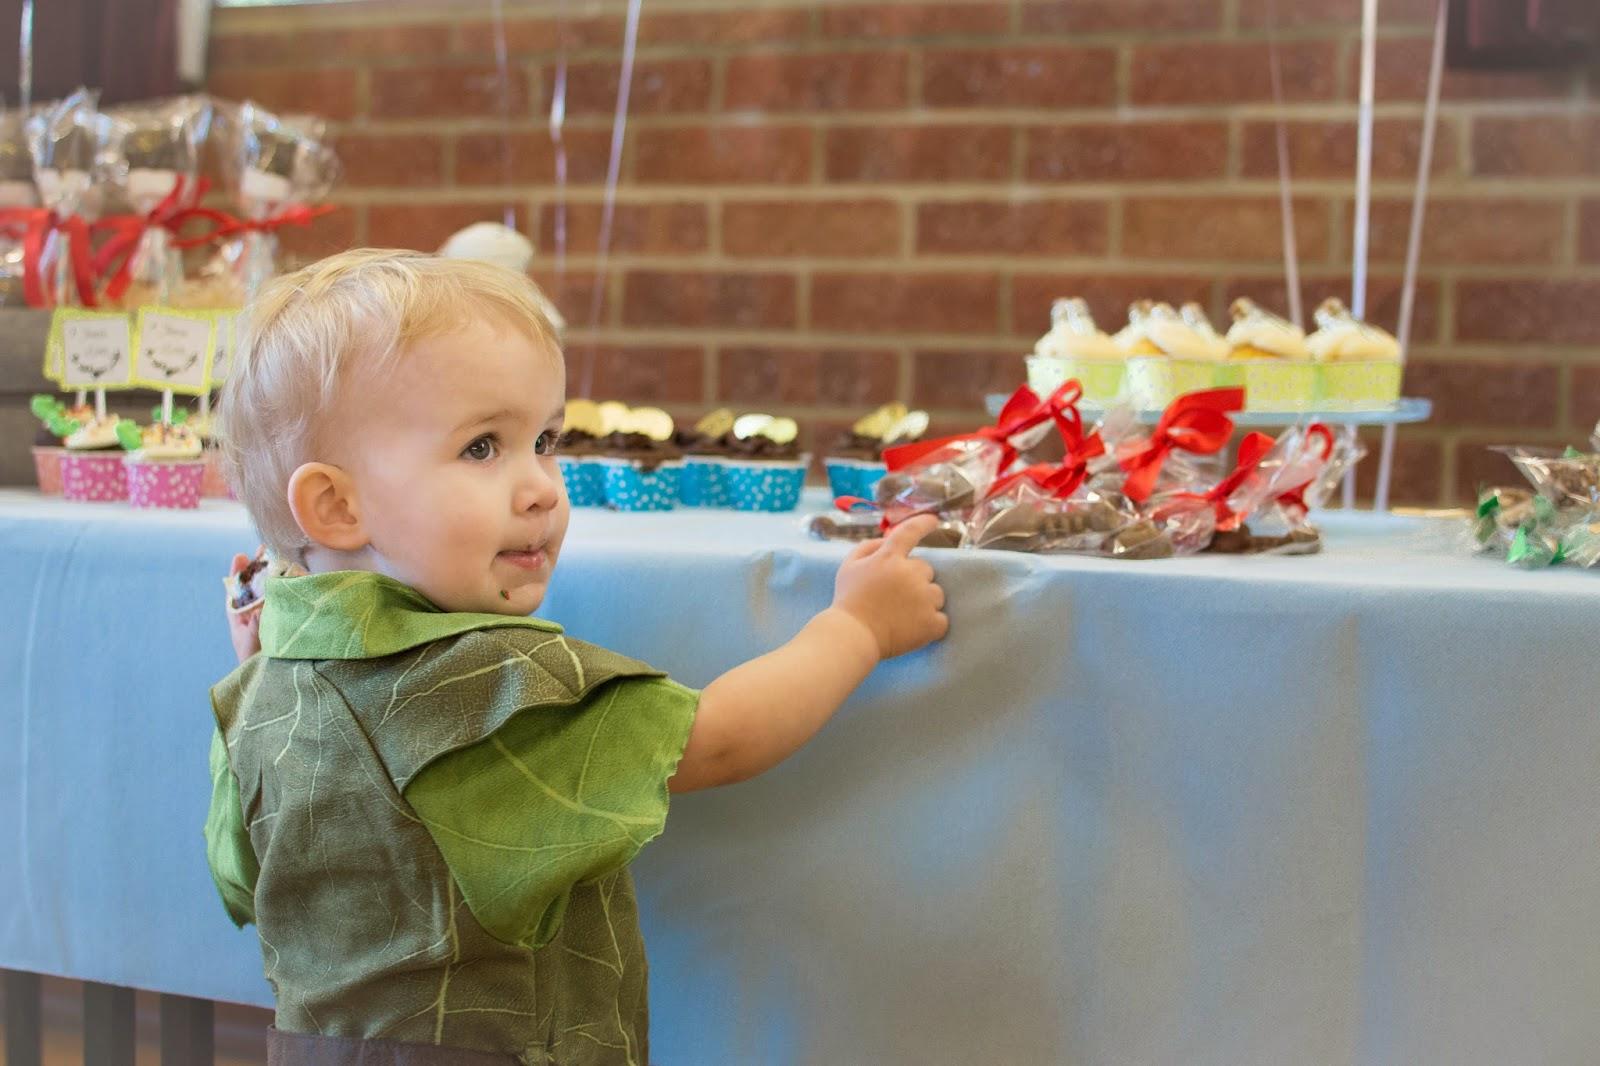 FAITH, TRUST & EDIBLE PIXIE DUST: OUR NEVERLAND BIRTHDAY PARTY FUN